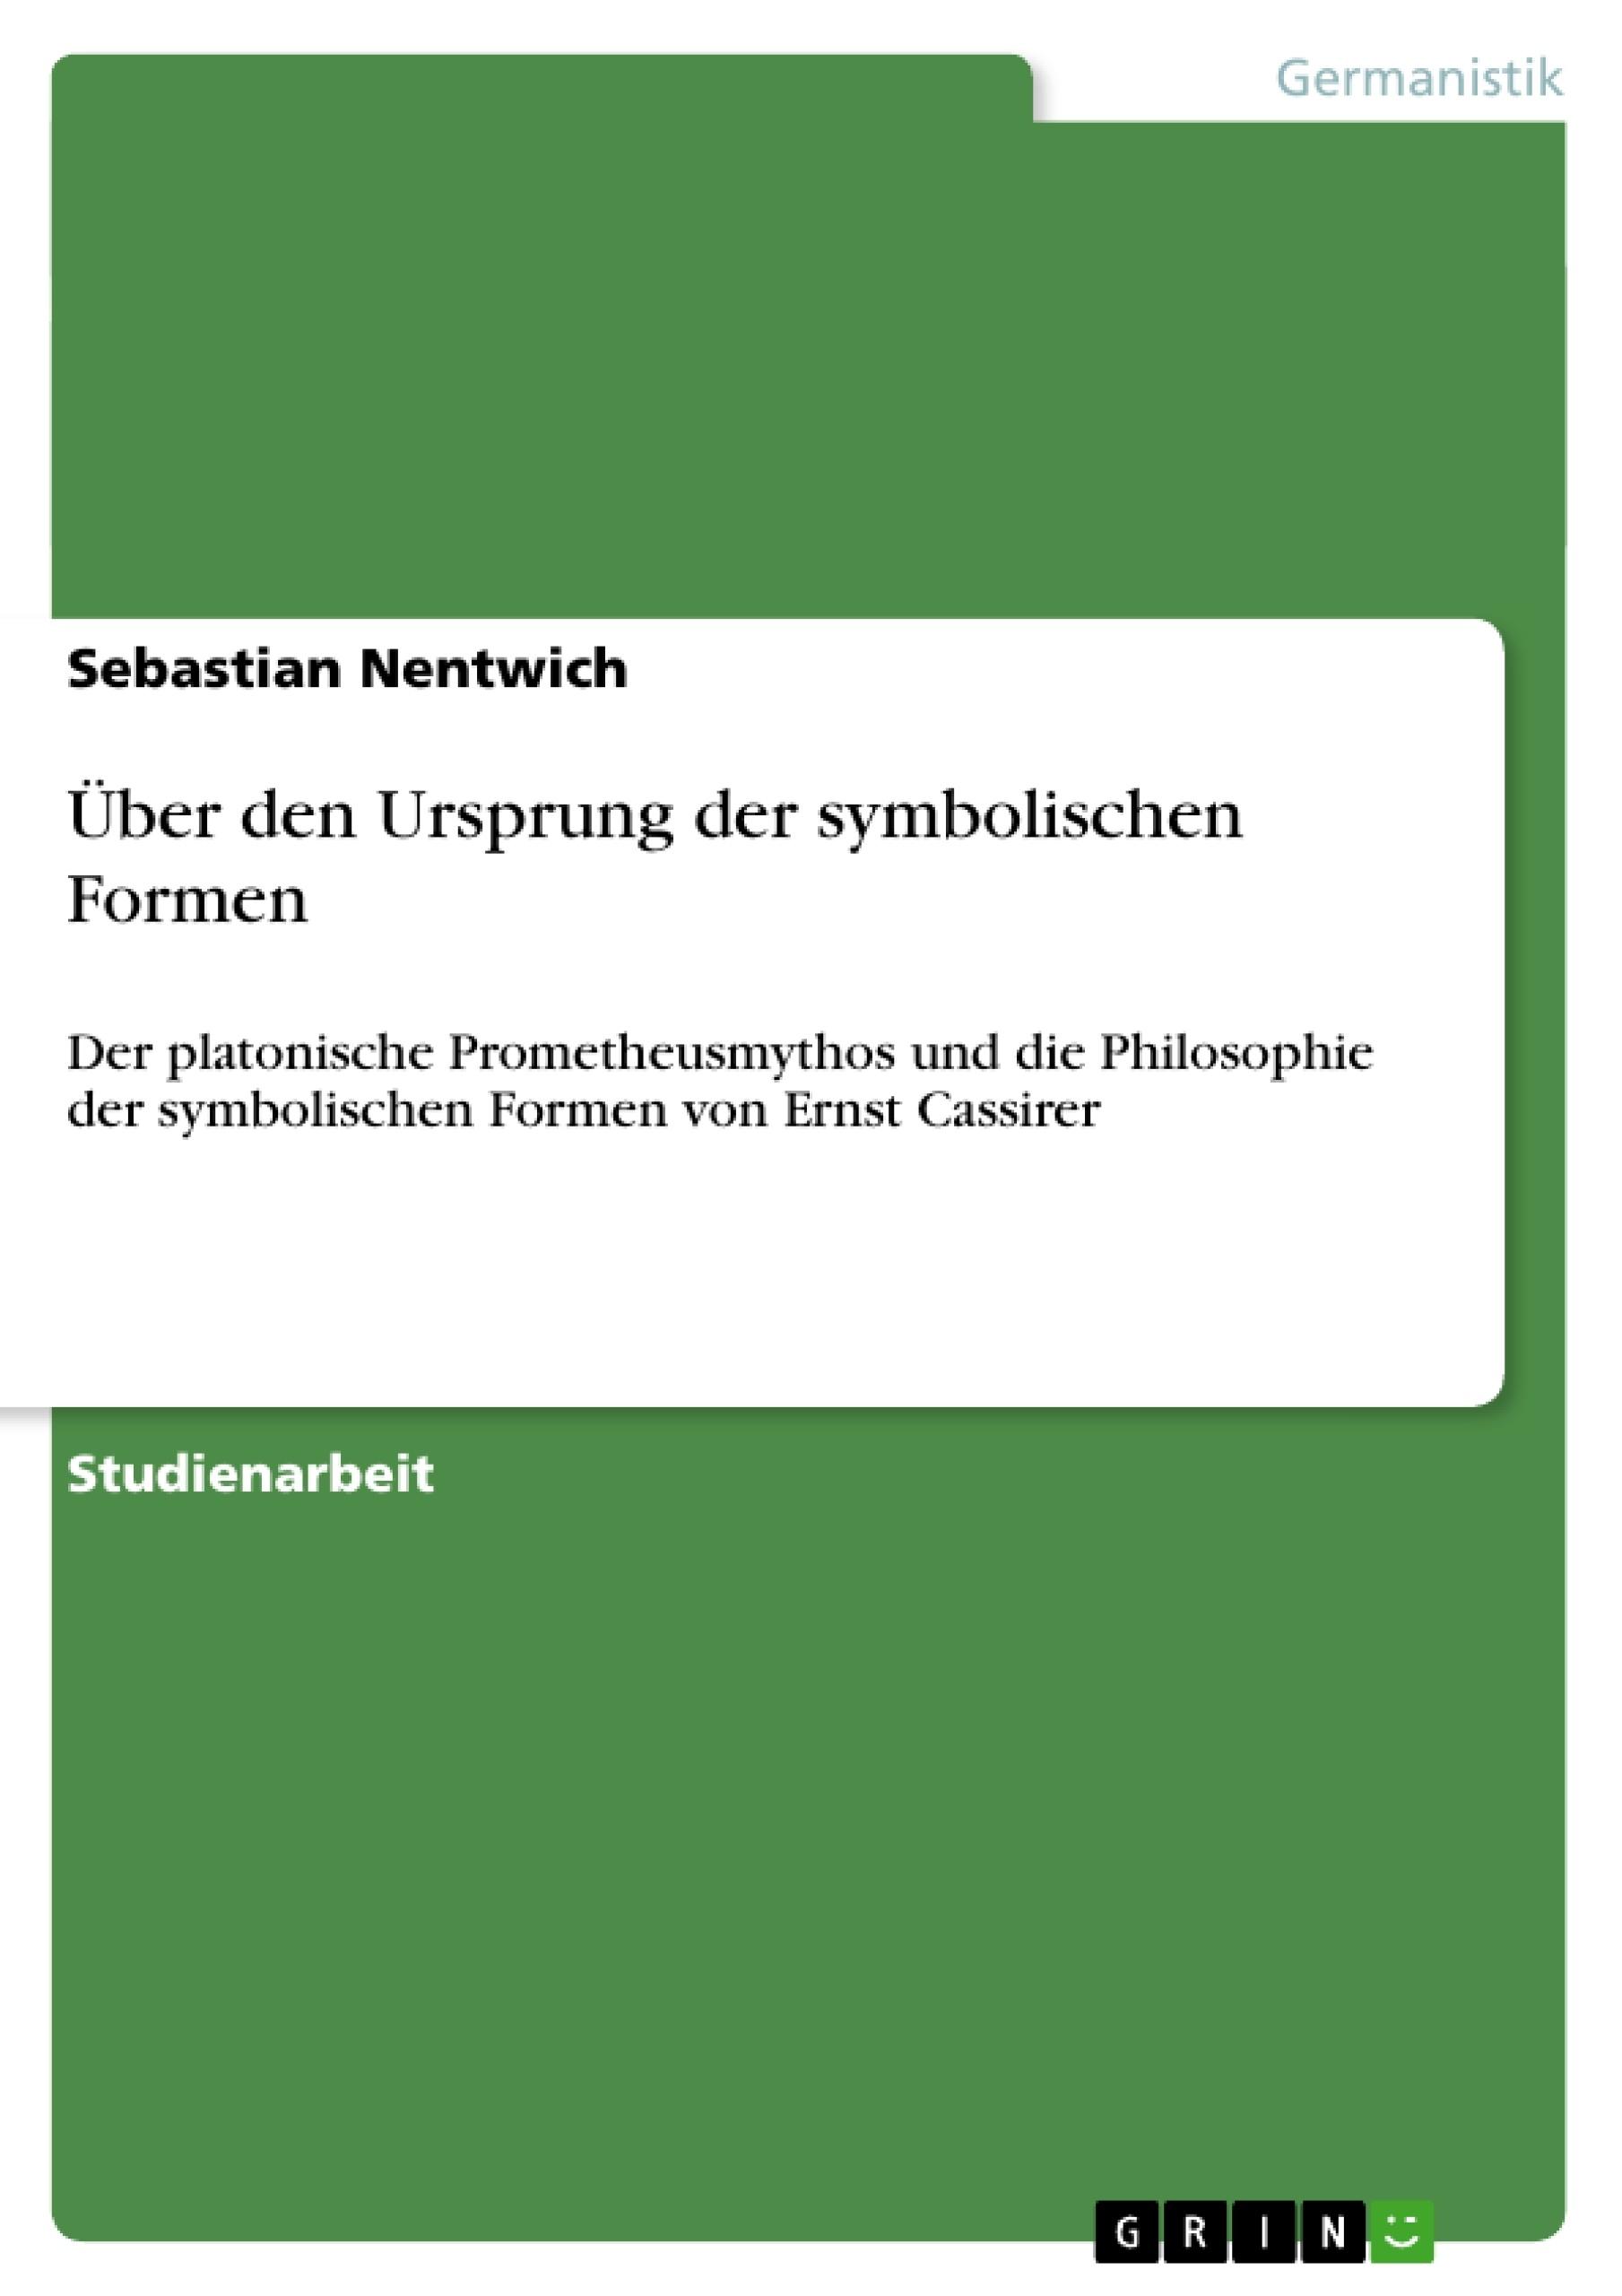 Titel: Über den Ursprung der symbolischen Formen